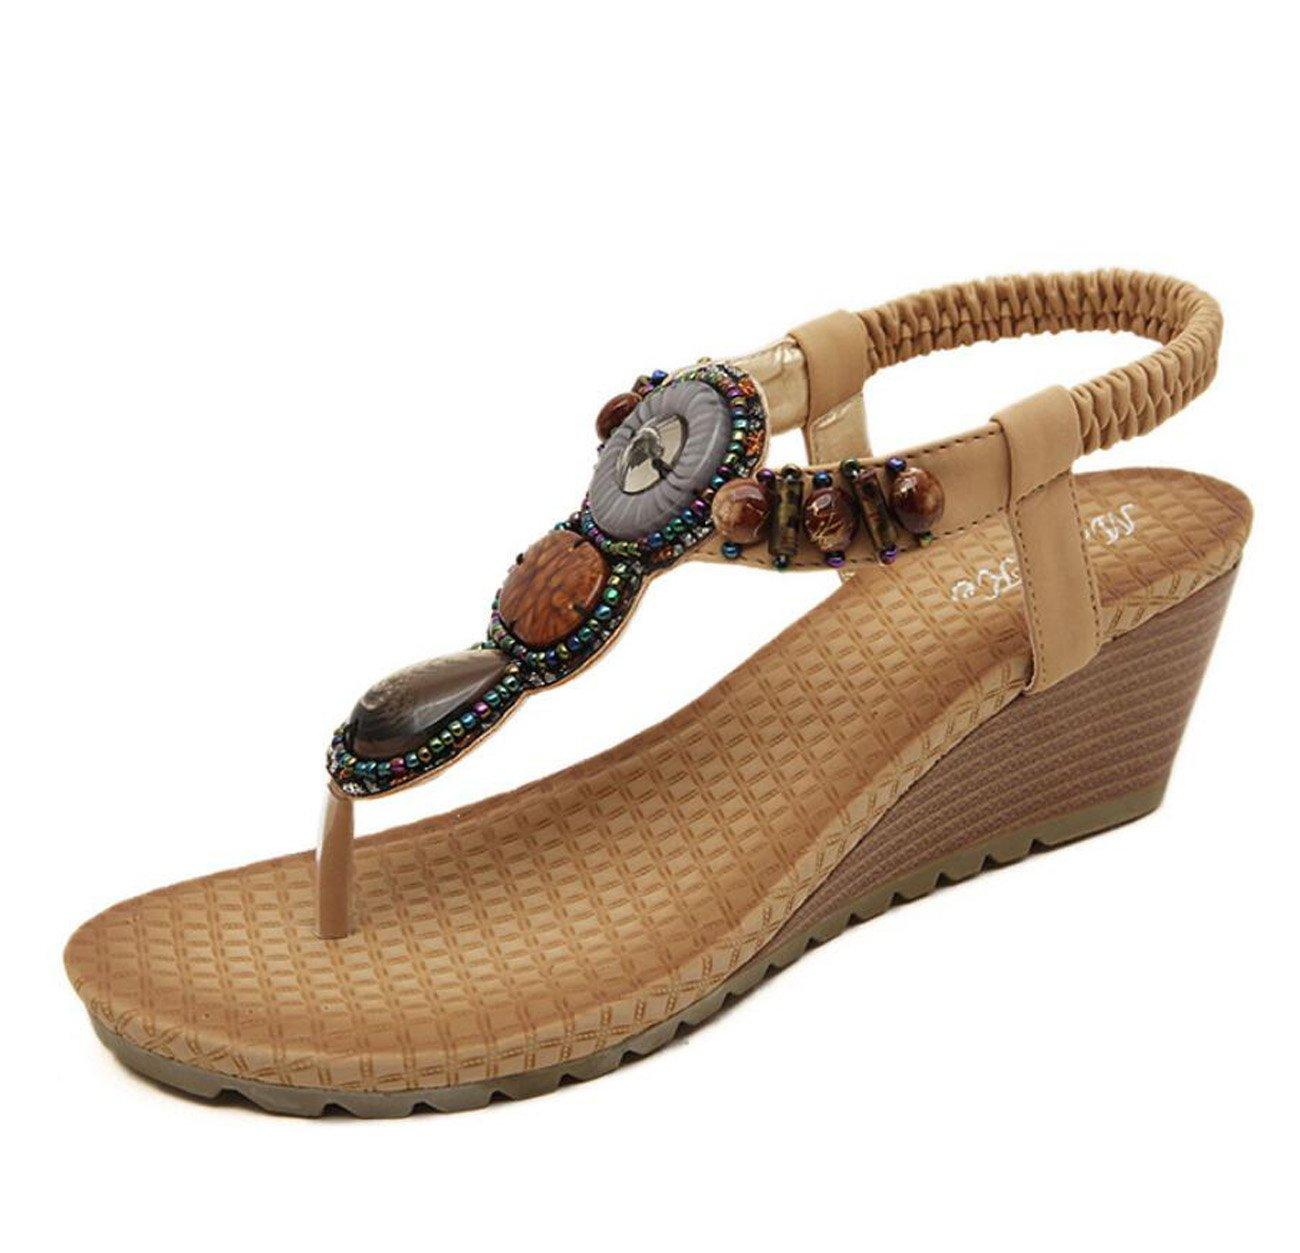 Damen Damen Sommer Sandalen  Flip Flops Strass Plattform Keile Heels Schuhe Flip Flops fuuml;r Mauml;dchen ( Color : Apricot , Grouml;szlig;e : 35 )  35|Apricot